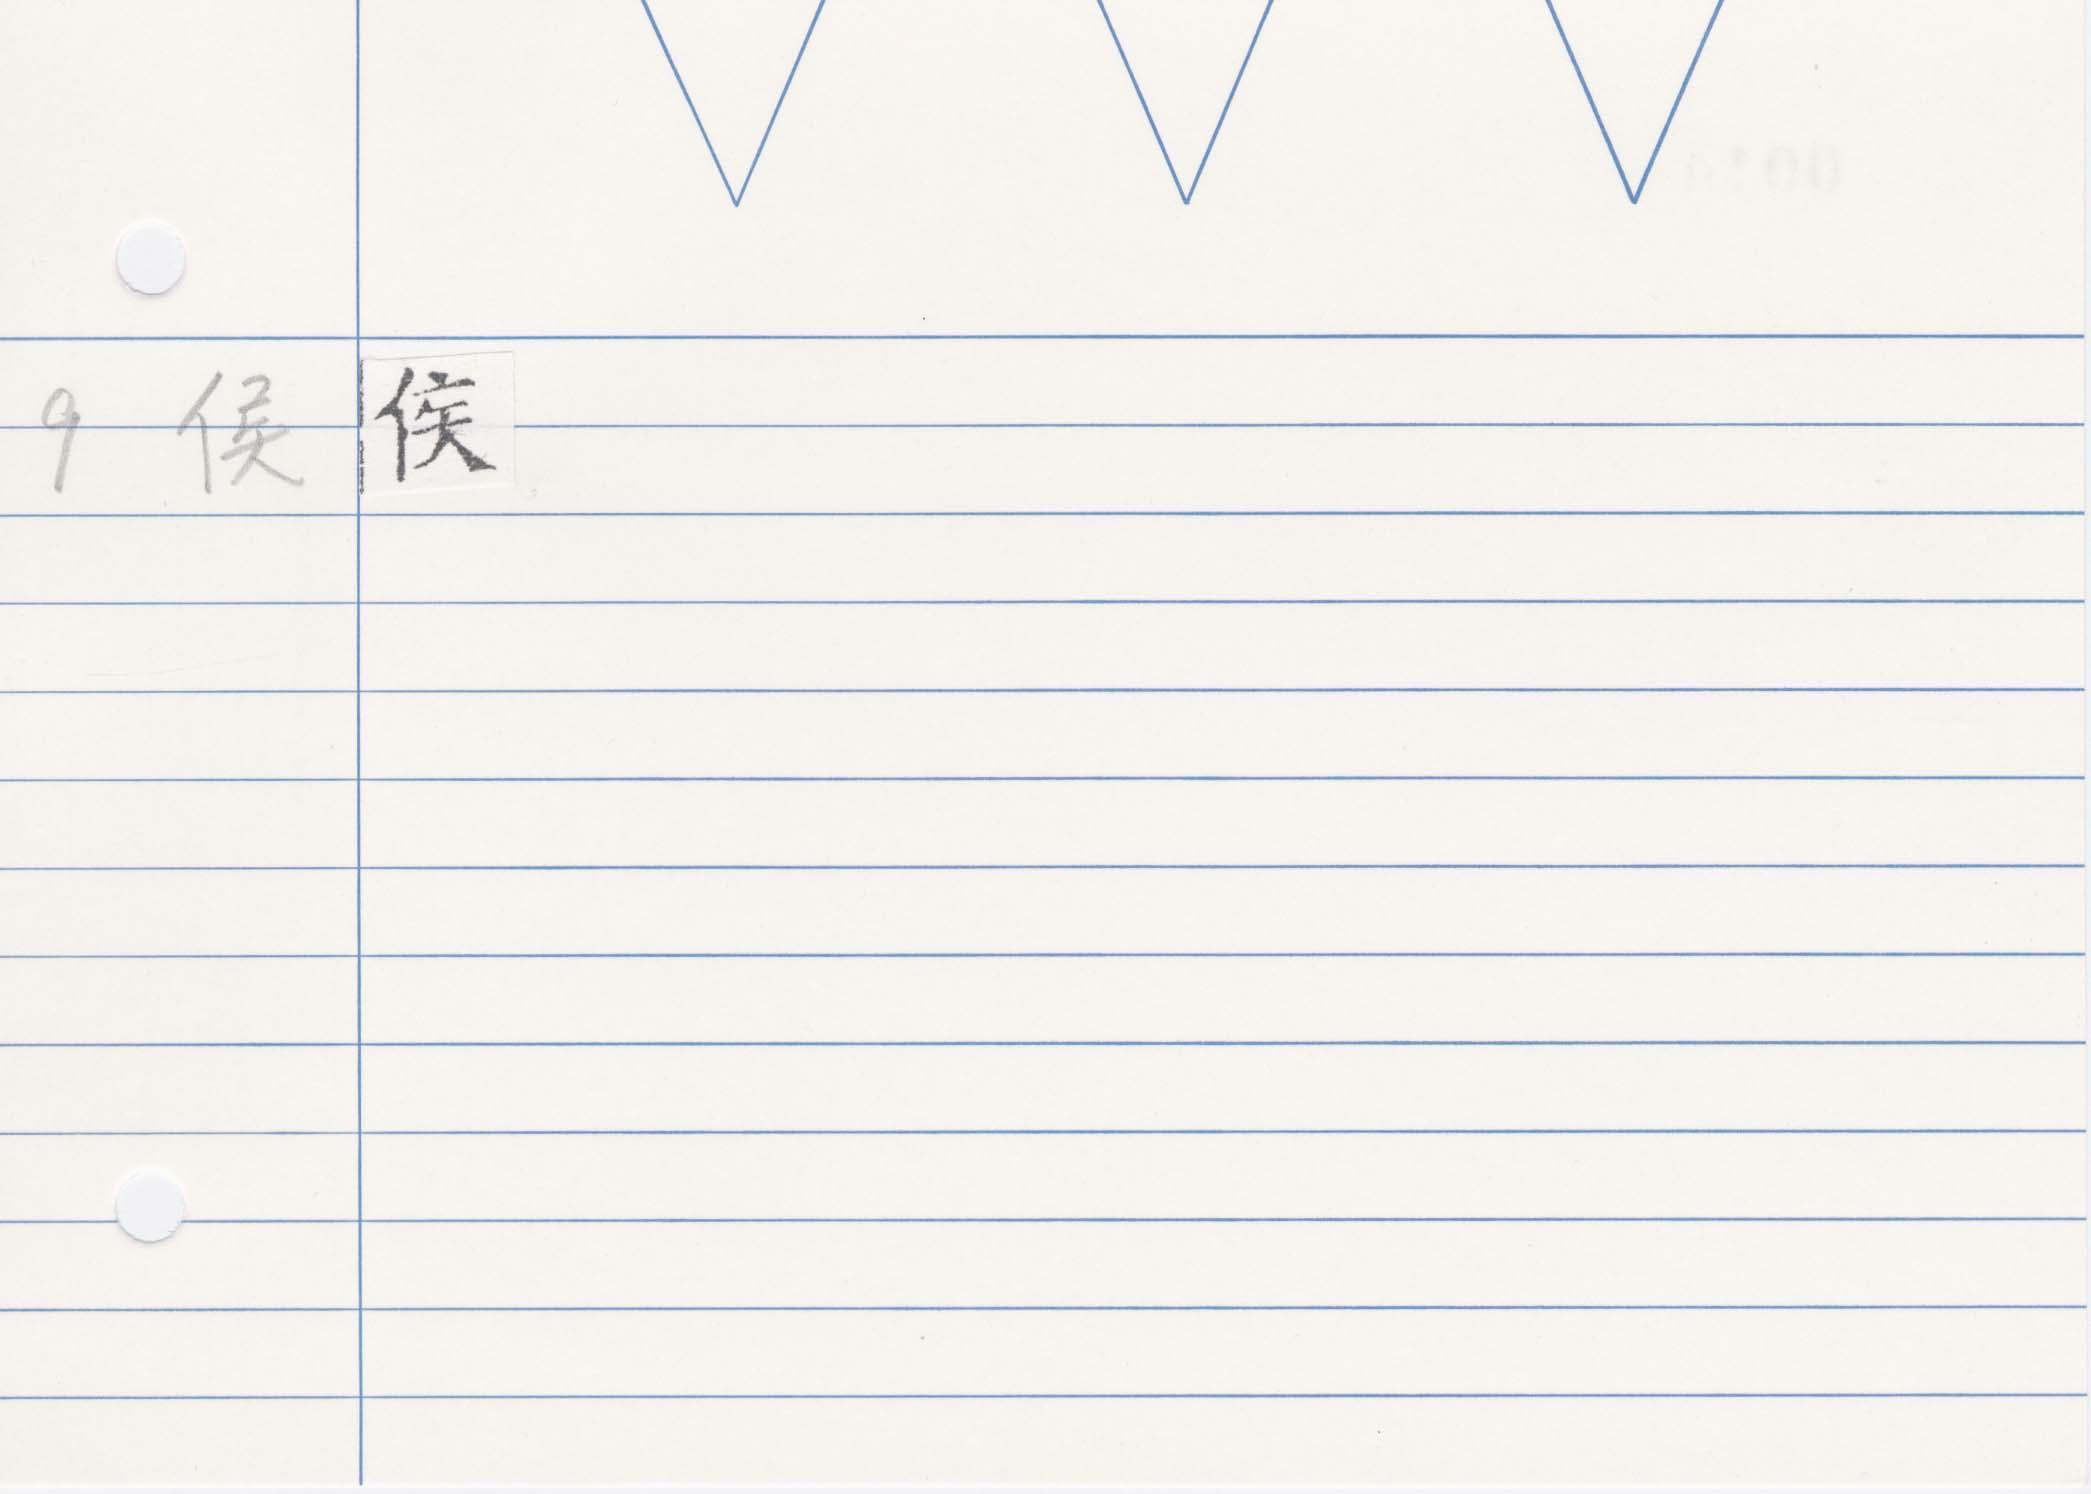 26_齊民要術卷五(高山寺本)/cards/0014.jpg